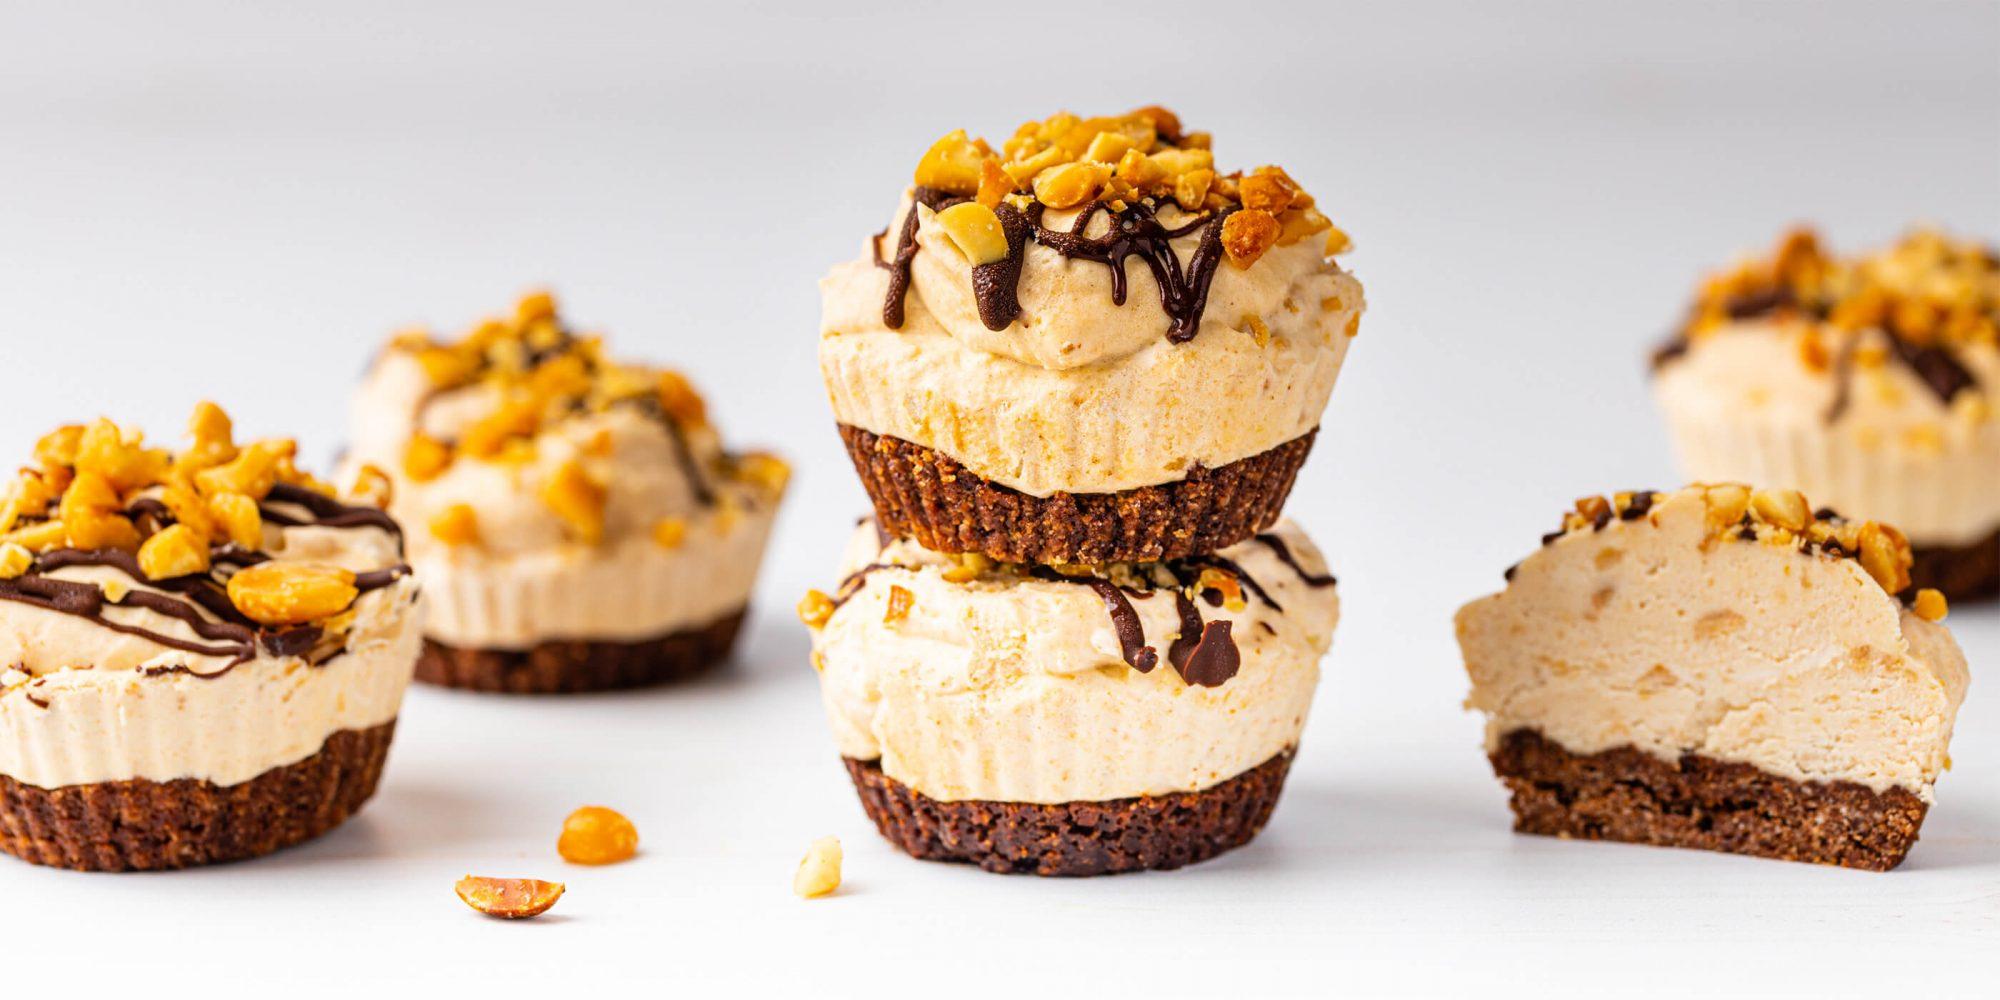 Keto Mini Frozen Peanut Butter Cheesecakes